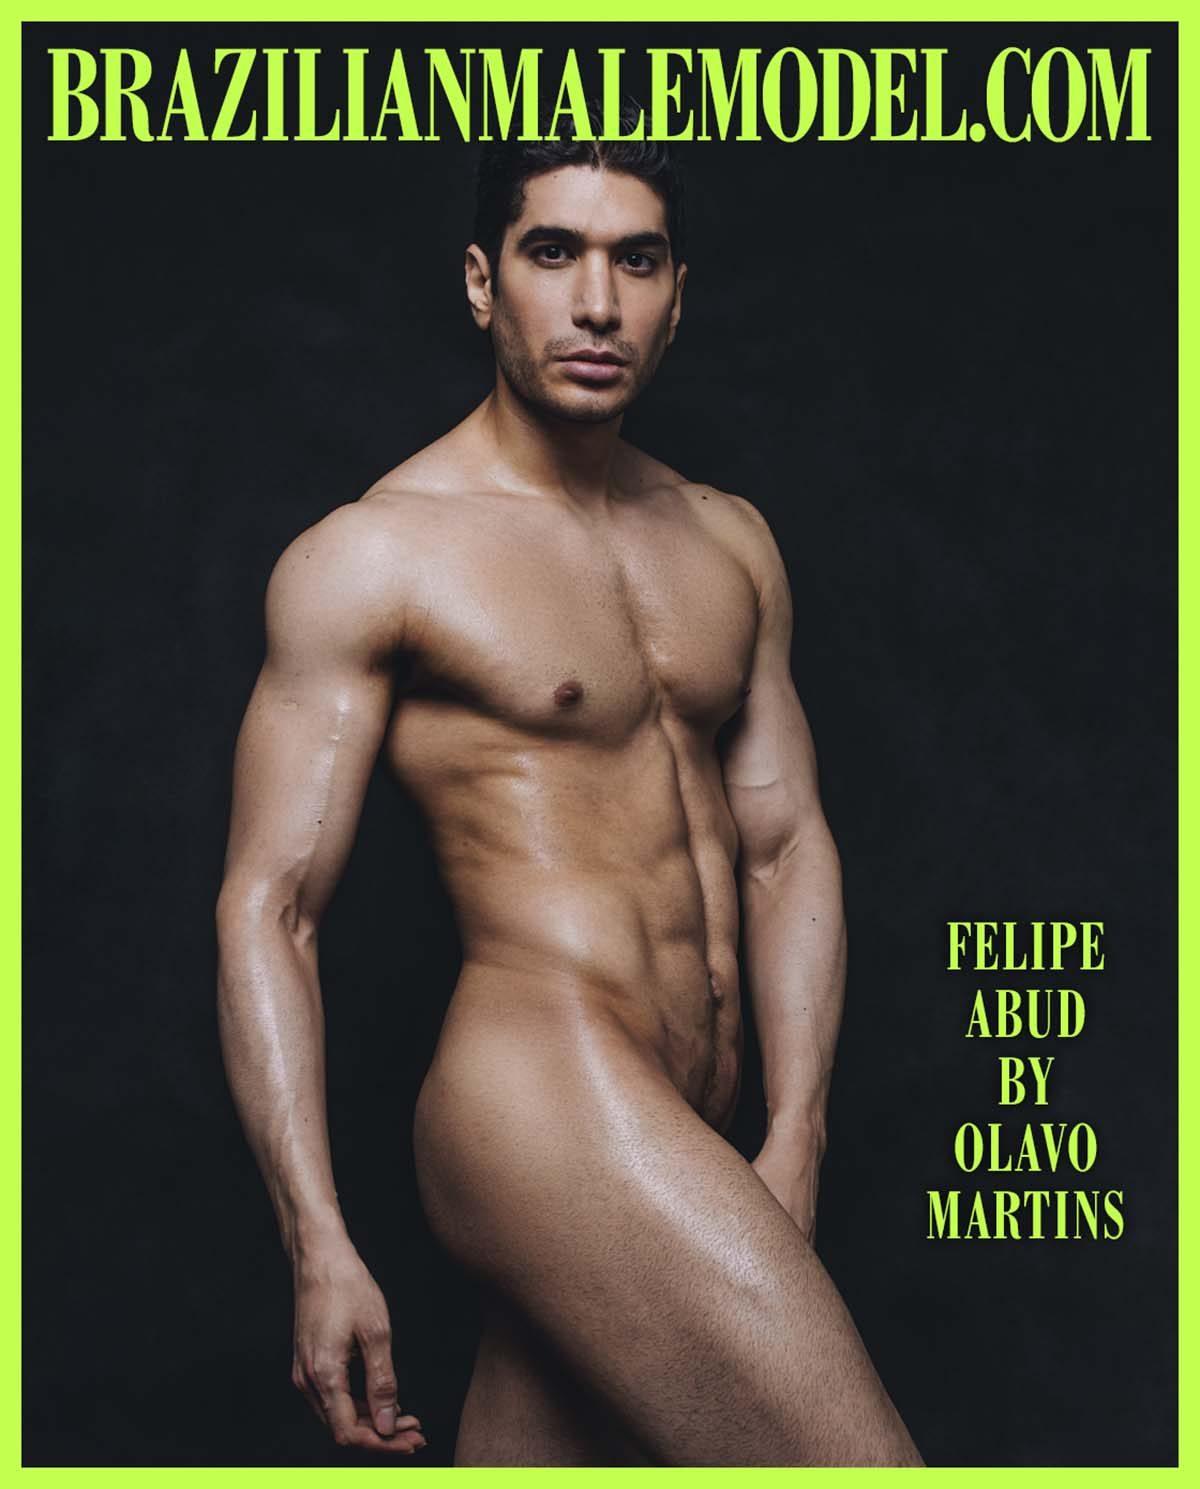 Felipe Abud by Olavo Martins